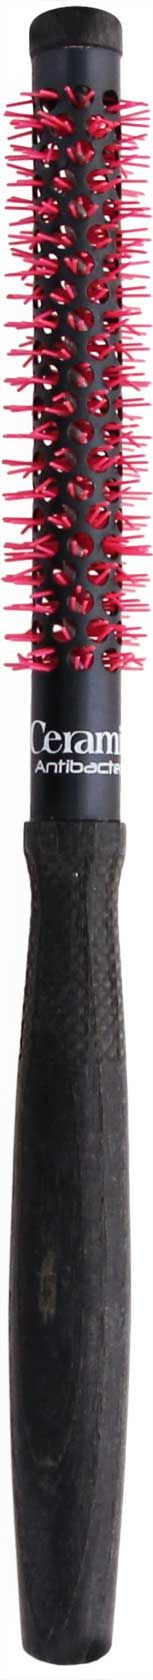 La brosse CERAMIK Antibacteric Oxygène Natural propose un tube thermique en aluminium dur, ultra léger et compact. Le traitement par anodisation spéciale à l'oxygène garantit une répartition parfaite de la chaleur pour un séchage rapide et parfait. ne pas faire subir de chocs thermiques, ce qui permet aux cheveux de mieux réagir et d'être plus facile à travailler. Nylon antibactérien certifié et garanti, antistatique Résistant à de forte chaleur